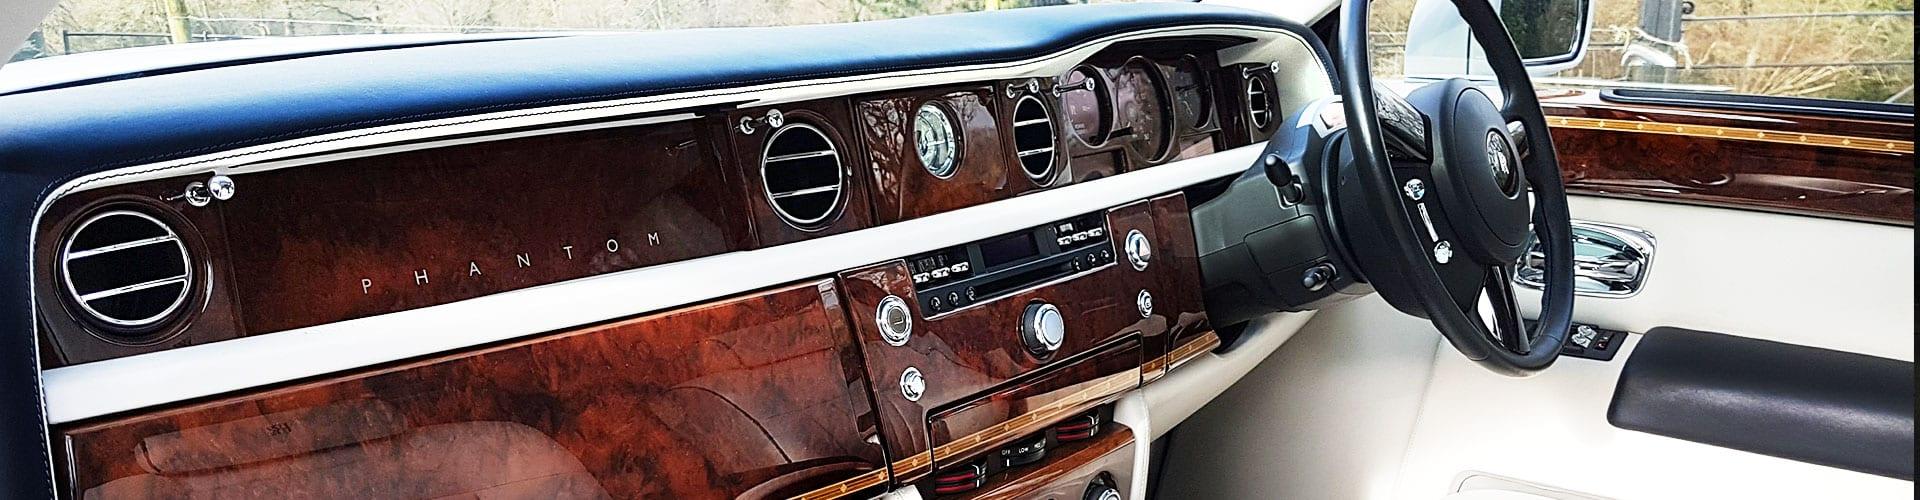 Rolls-Royce-Phantom-Hero-Slider-4